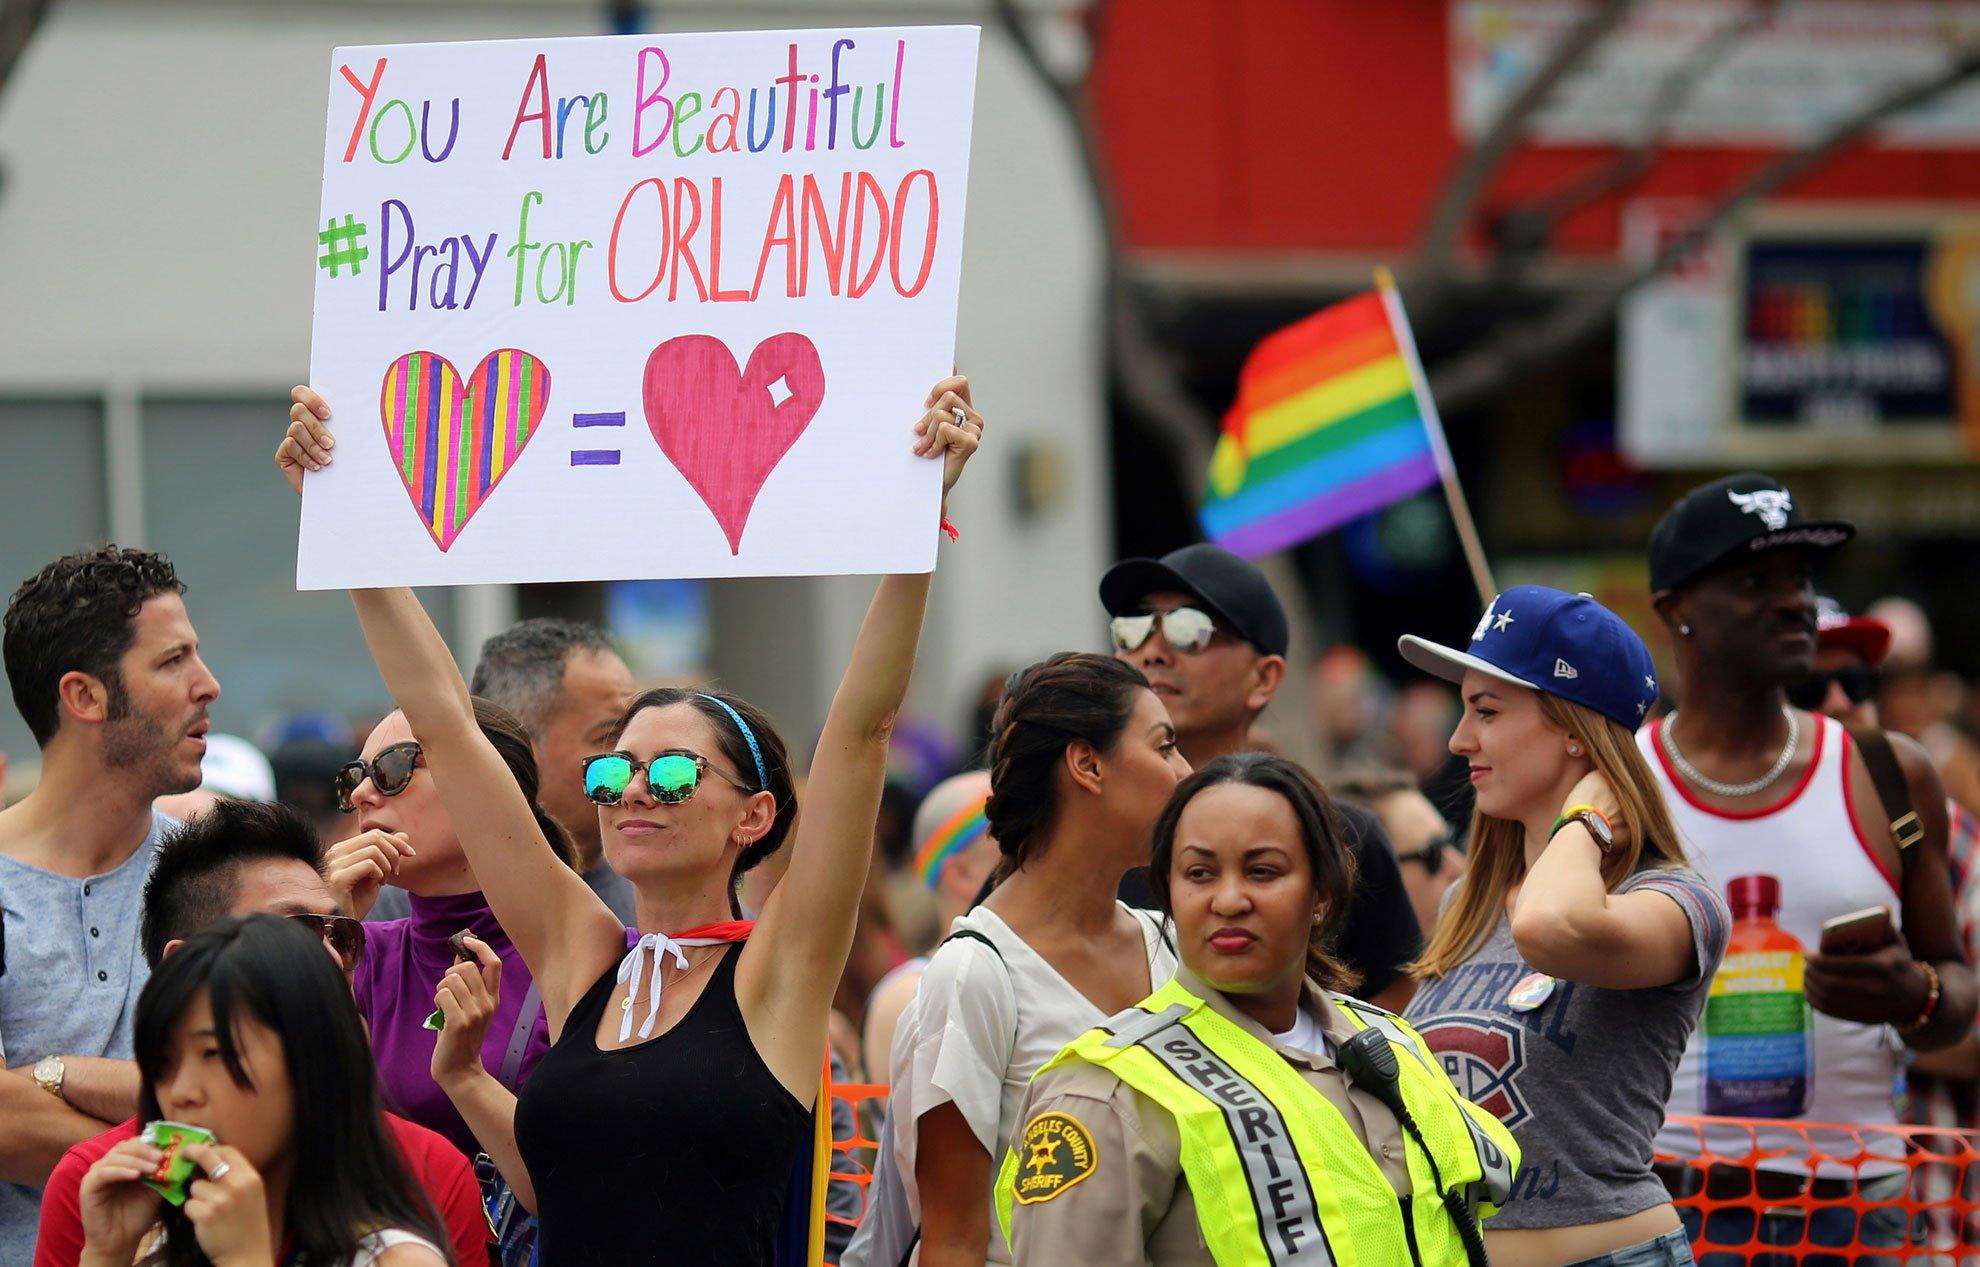 Tuerie d'Orlando : rassemblements en hommage aux victimes